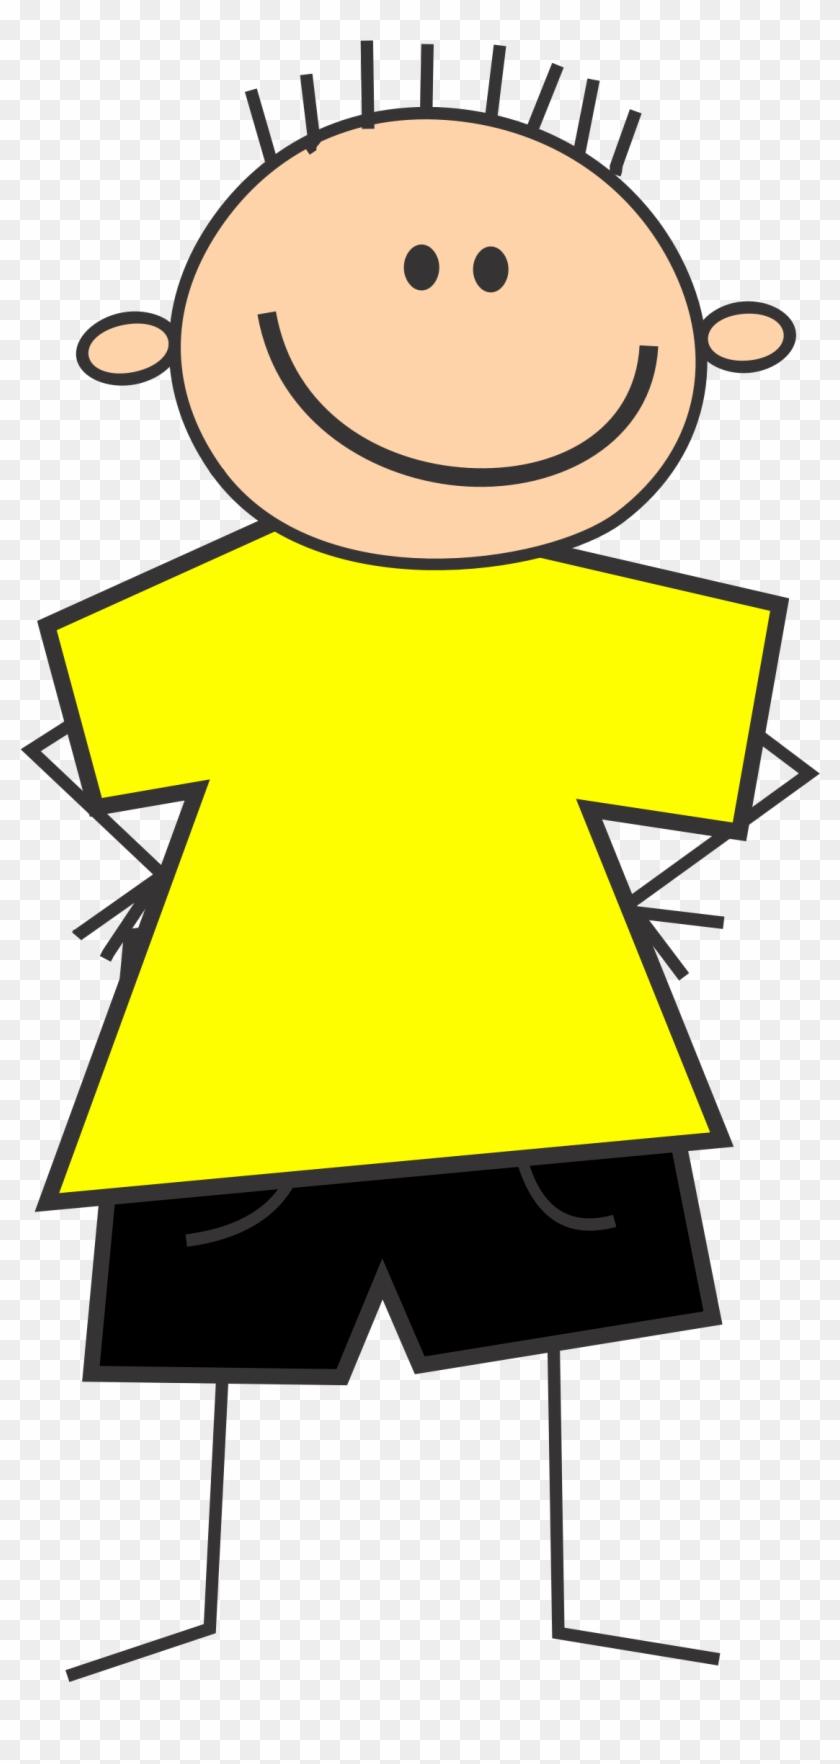 Splendid Design Ideas Clip Art Boy Clipart With Yellow - Yellow Shirt Clipart #24406